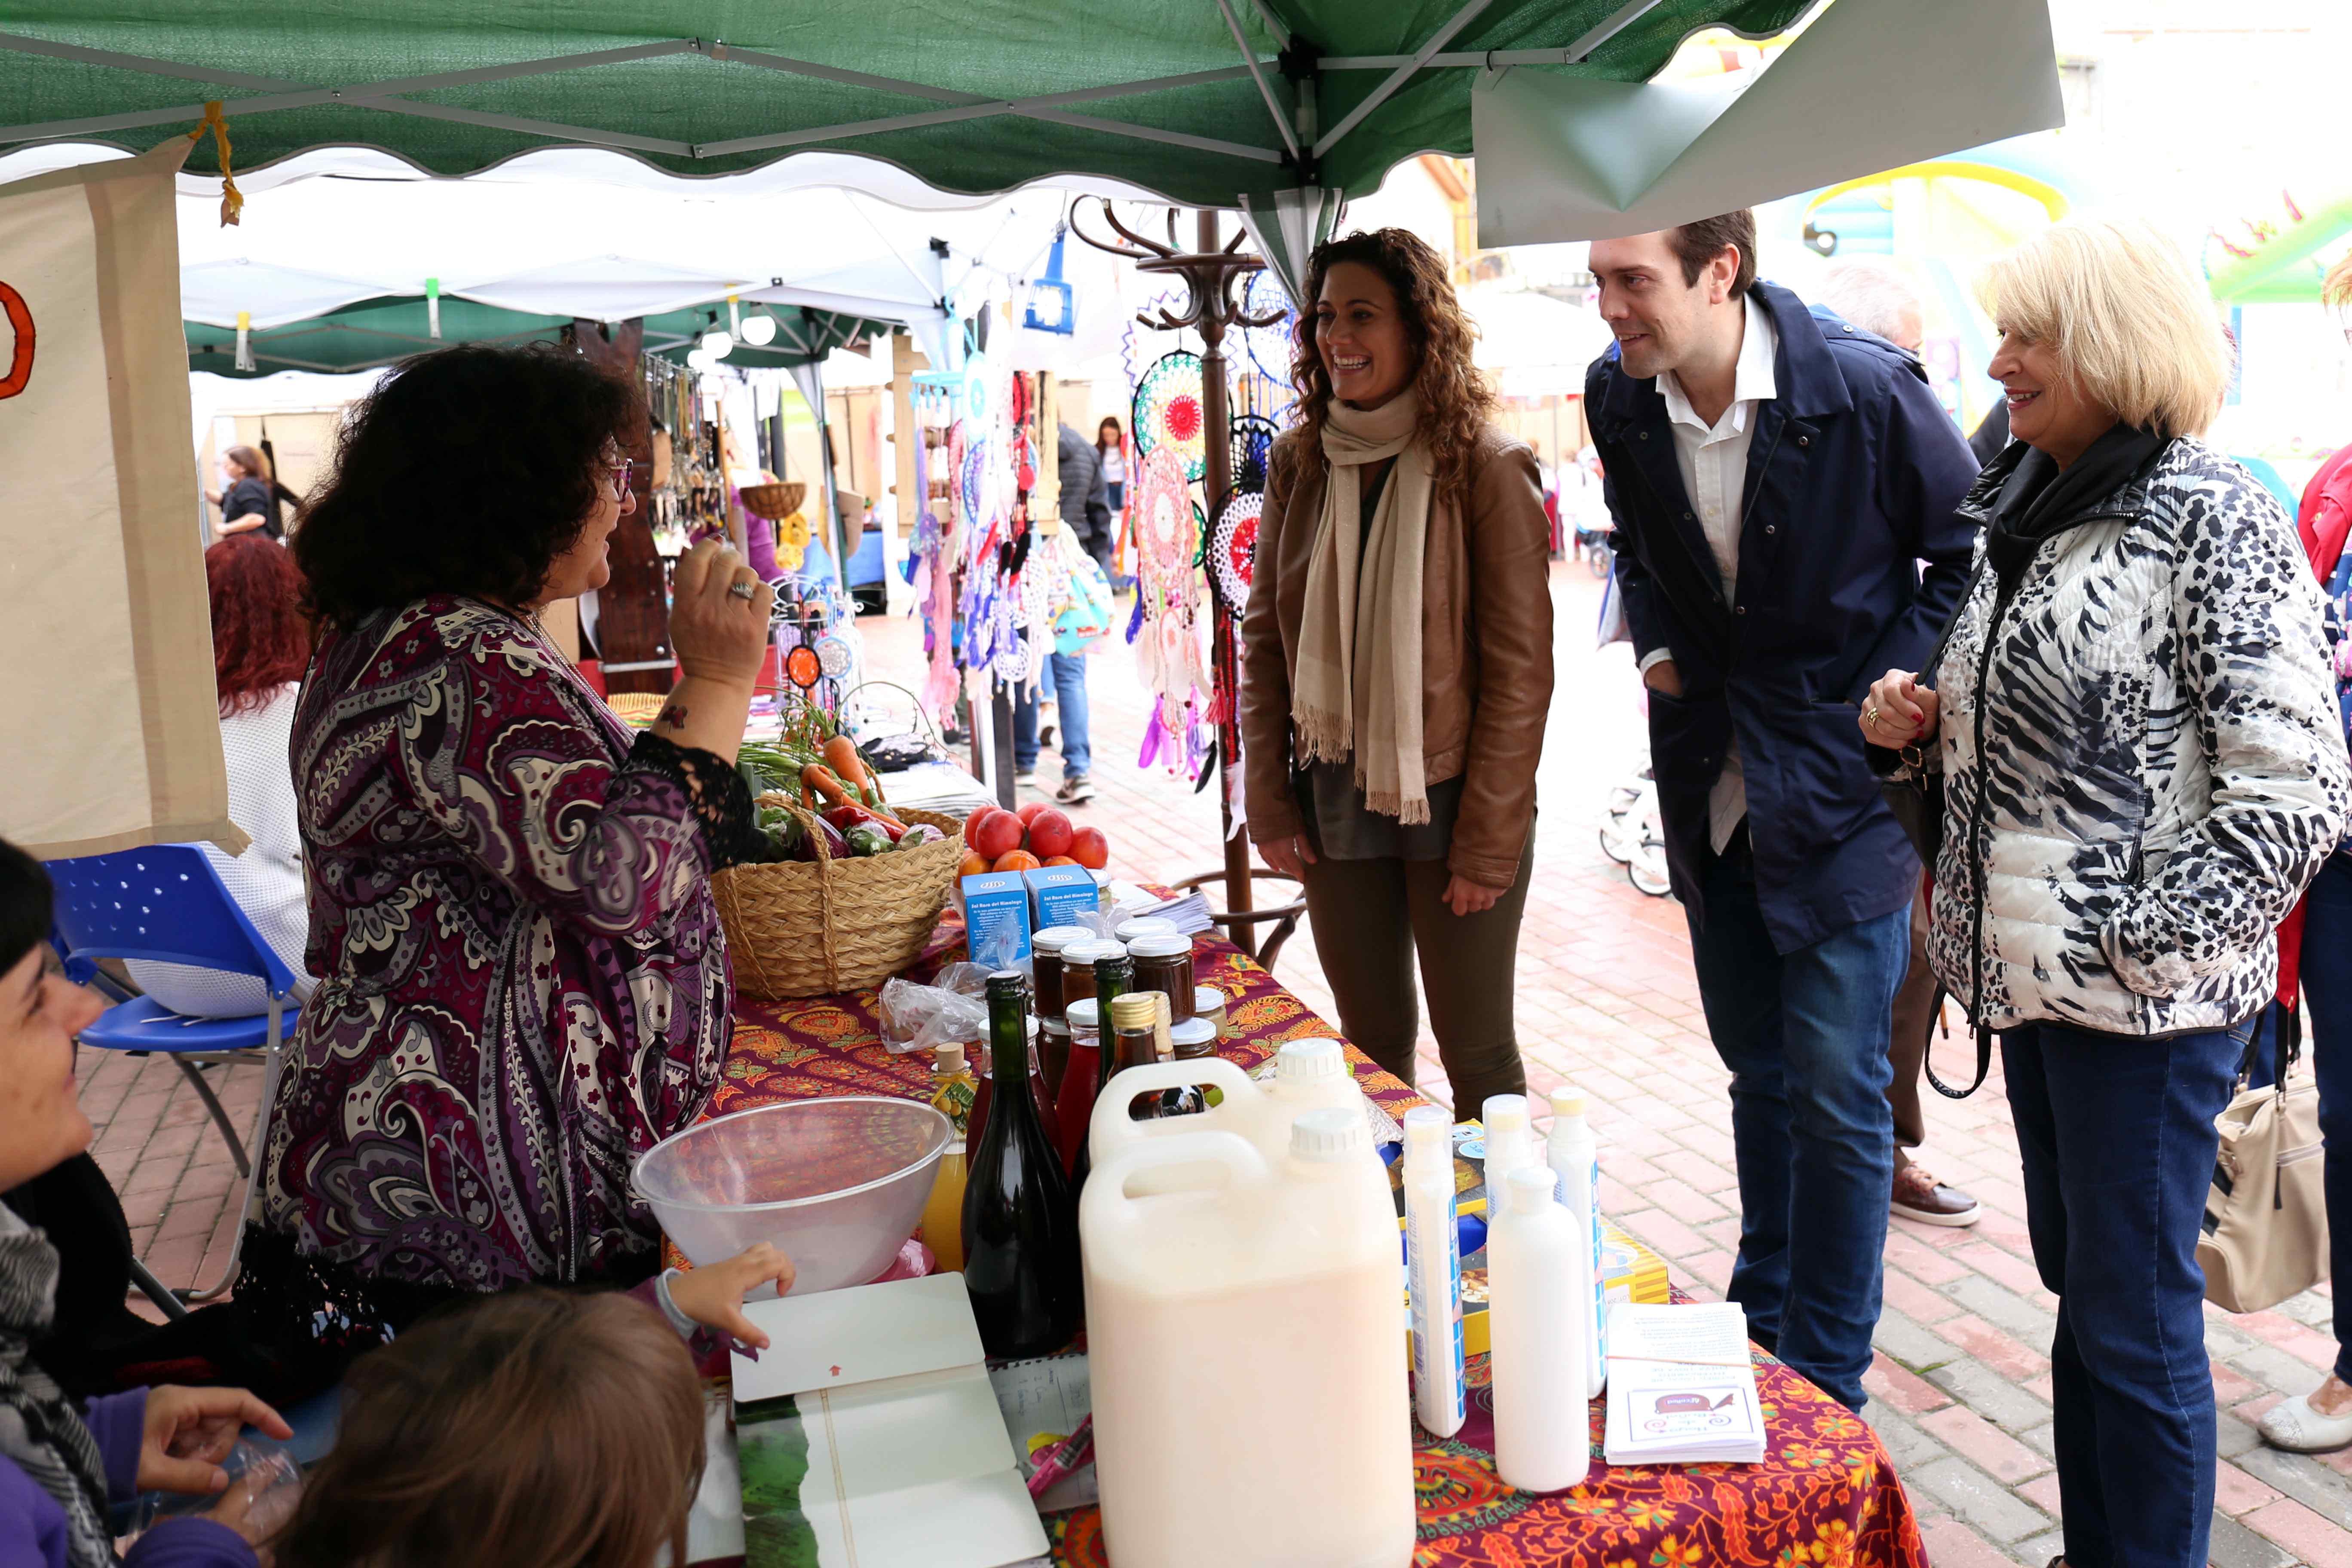 La décima edición de la FICA, Feria Intercultural, Comercial y Alternativa de Cheste, organizada por la concejalía de Comercio.